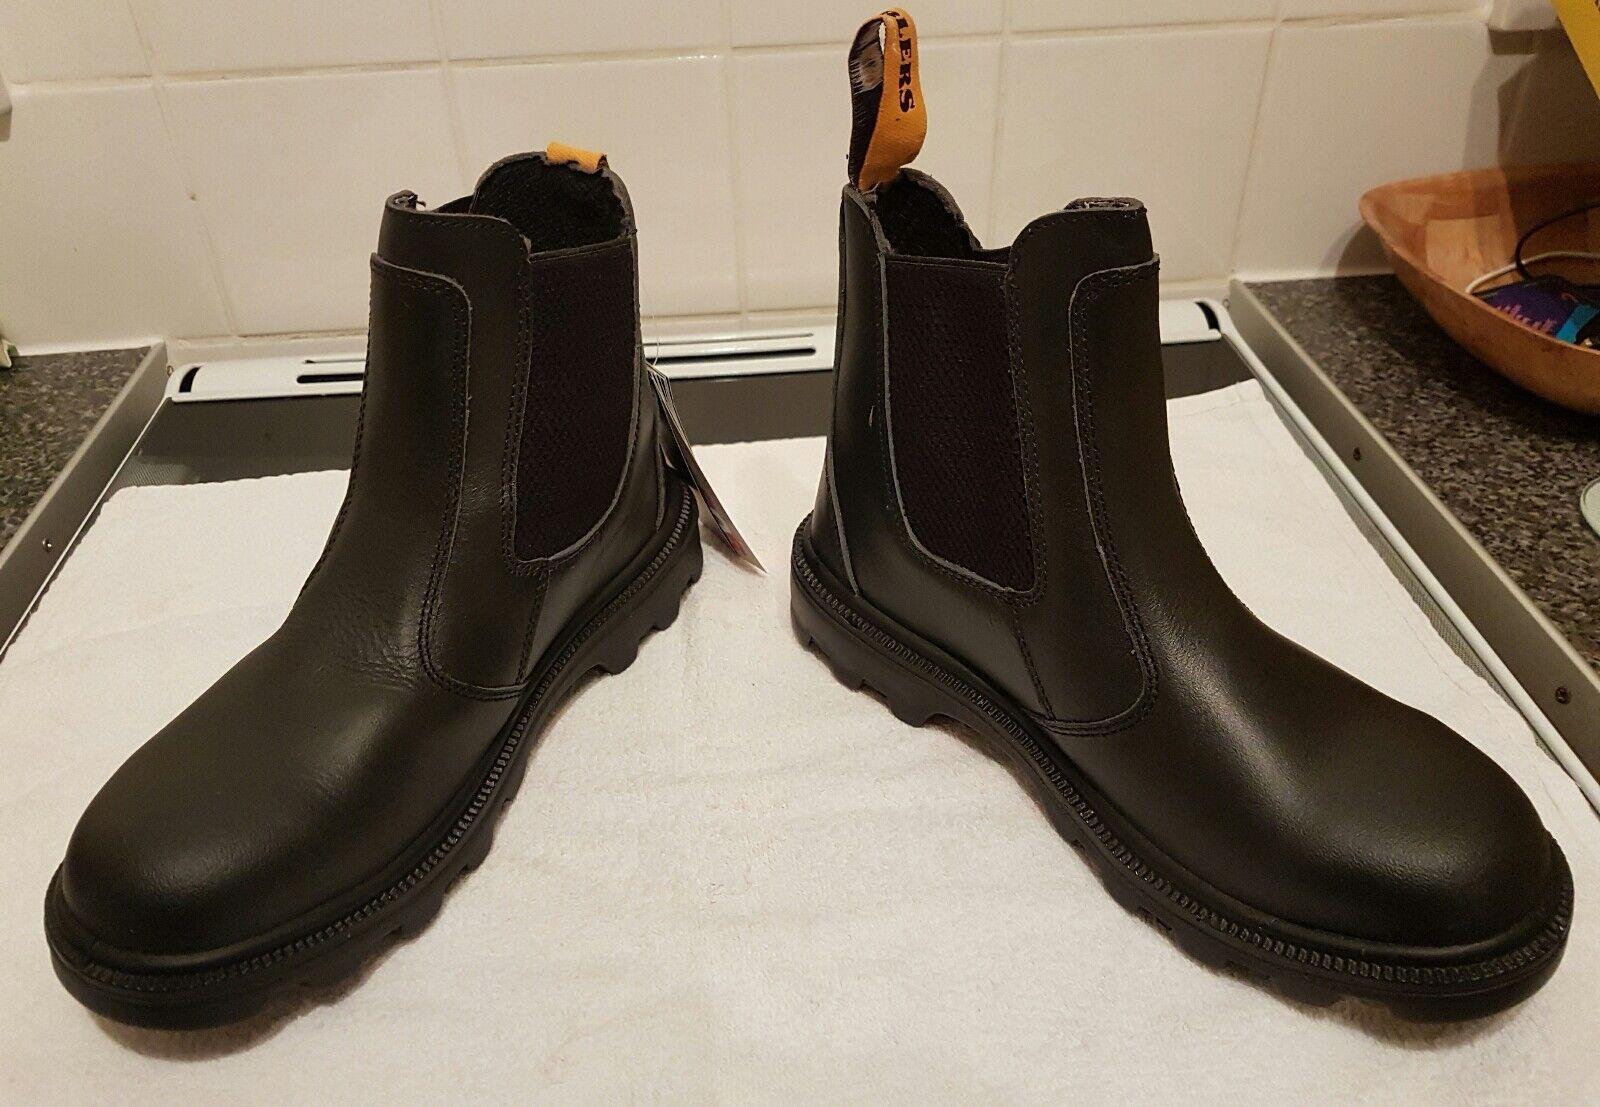 Amblers Stivali di sicurezza FS129